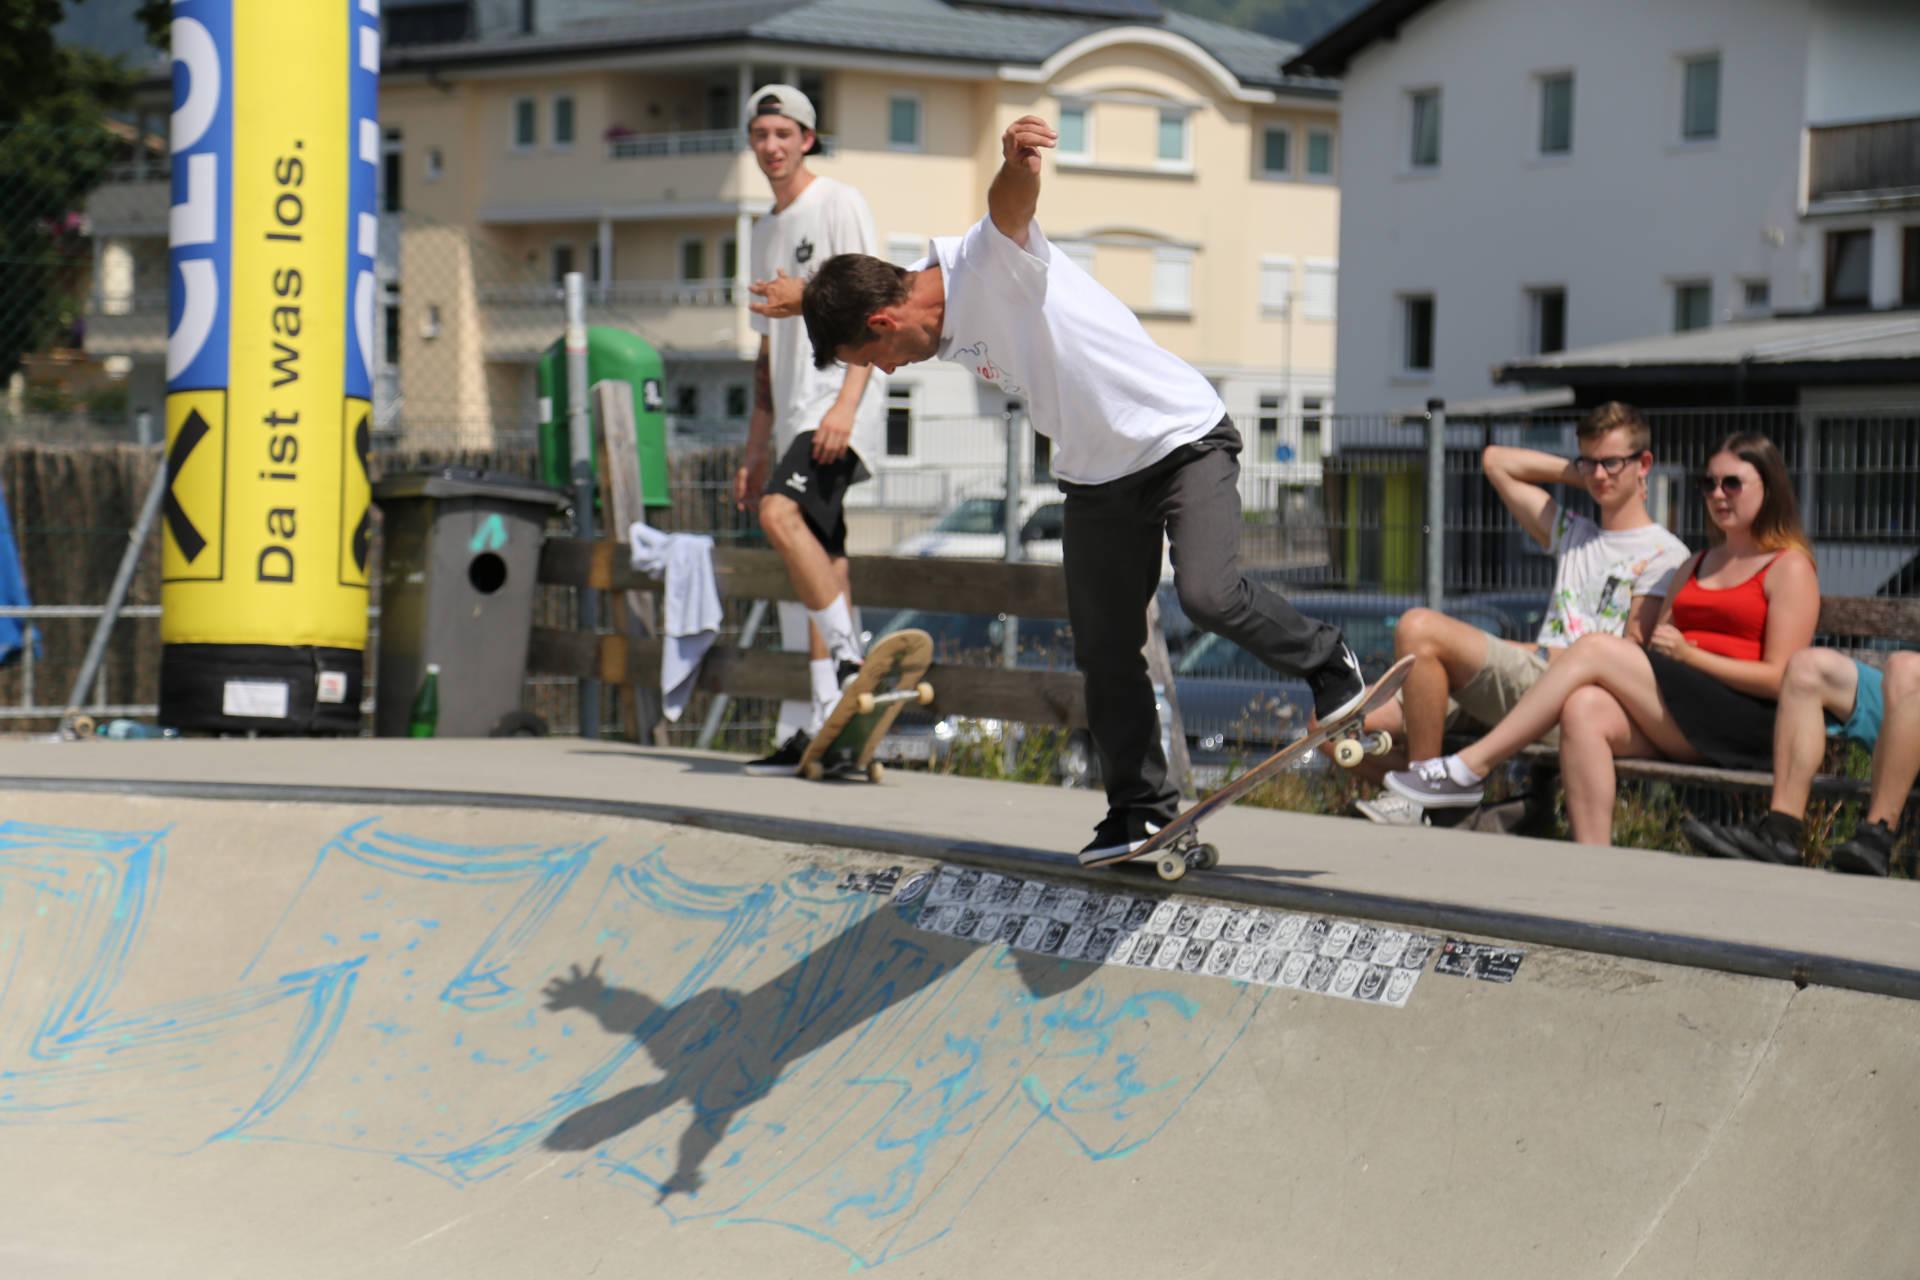 skateboardheadz st johann in tirol kgt 2019 finale 00103